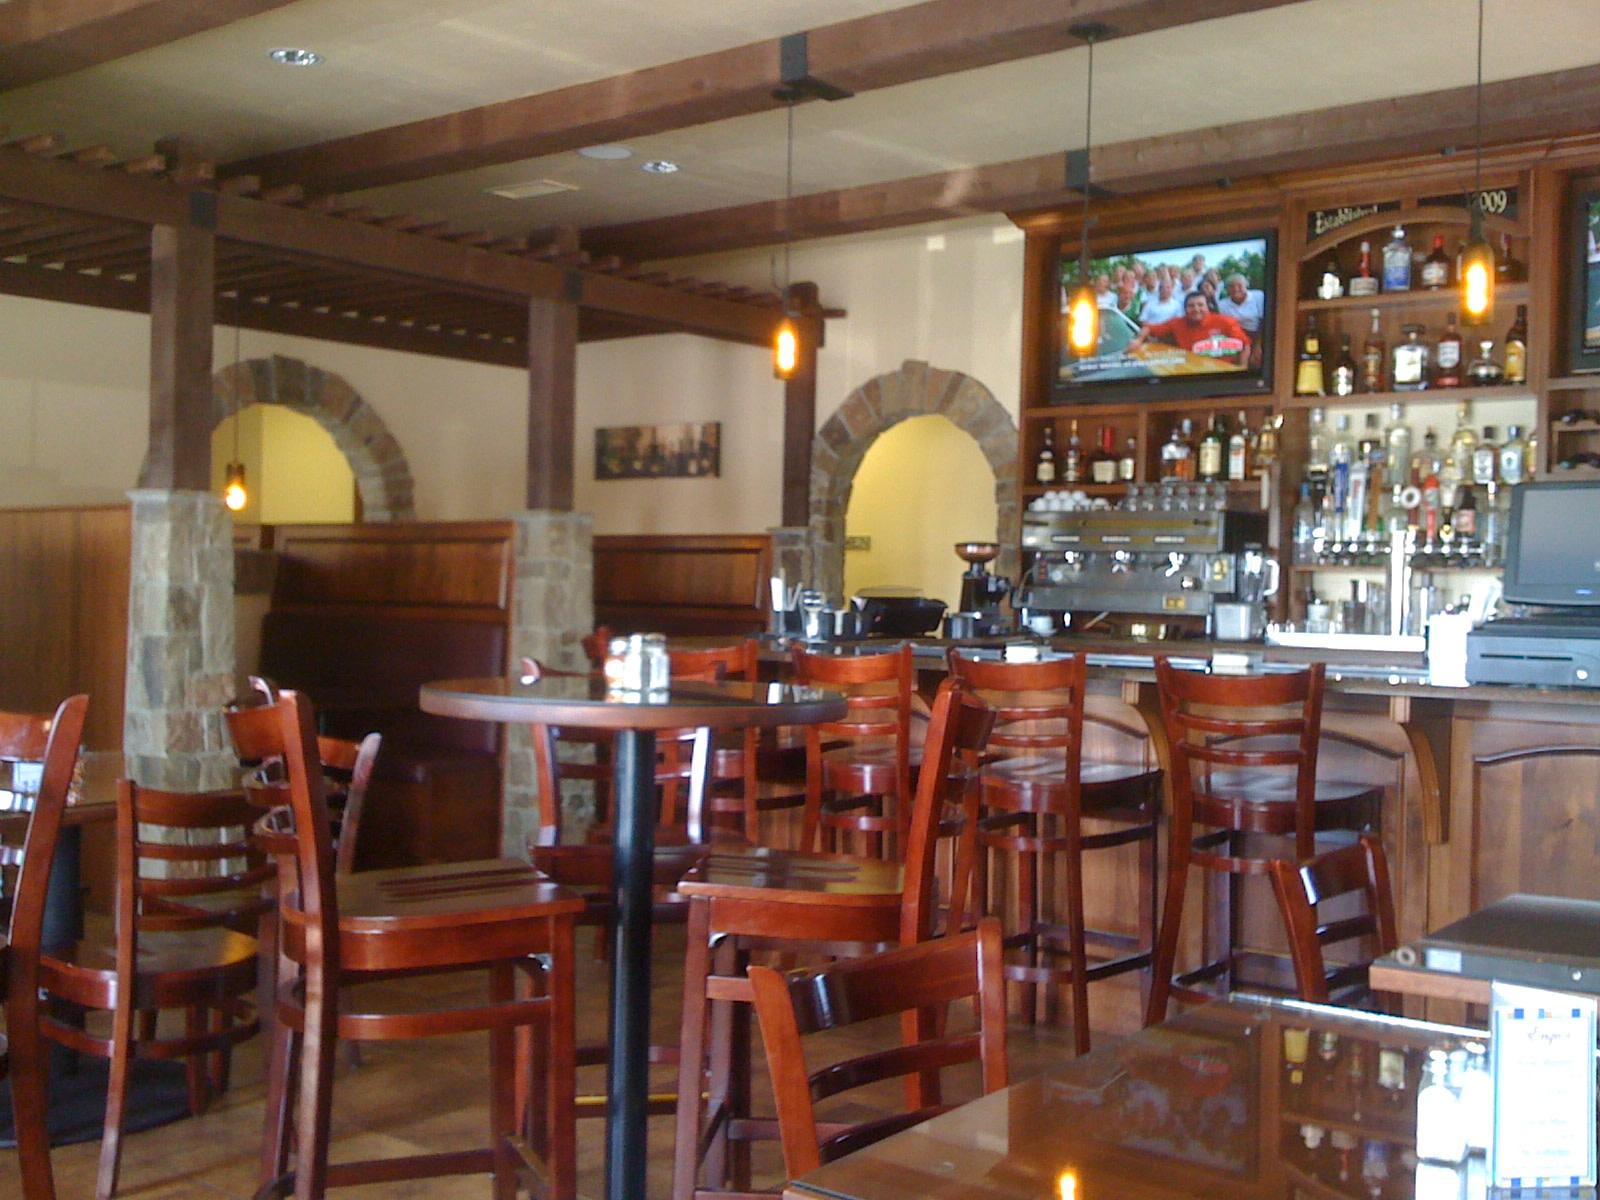 Restaurants In Grand Junction Near Me